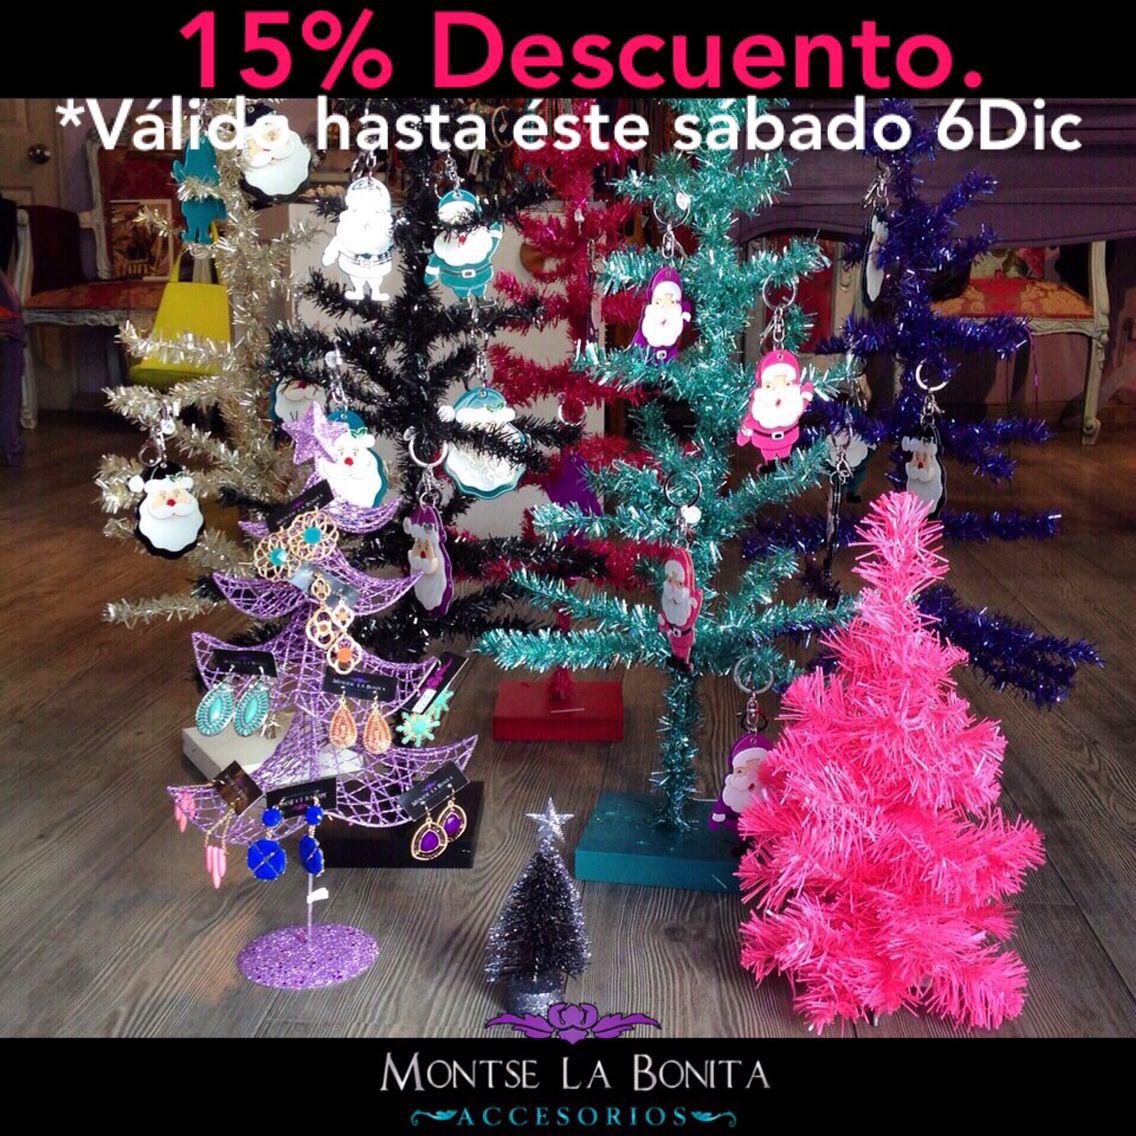 Hoy es el Último día con 15% desc todos los arbolitos navideños! Desde $119 hasta $329 menos el descuento.